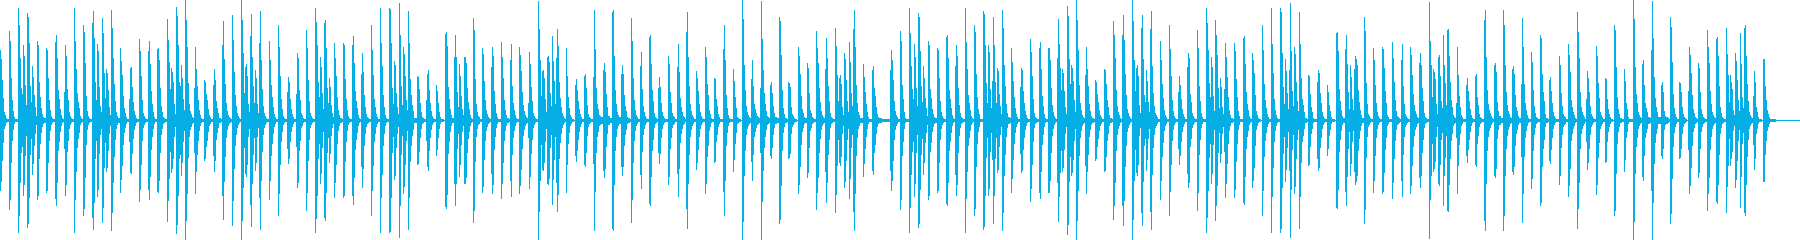 ピアノ曲 料理・日常・レッスンの再生済みの波形